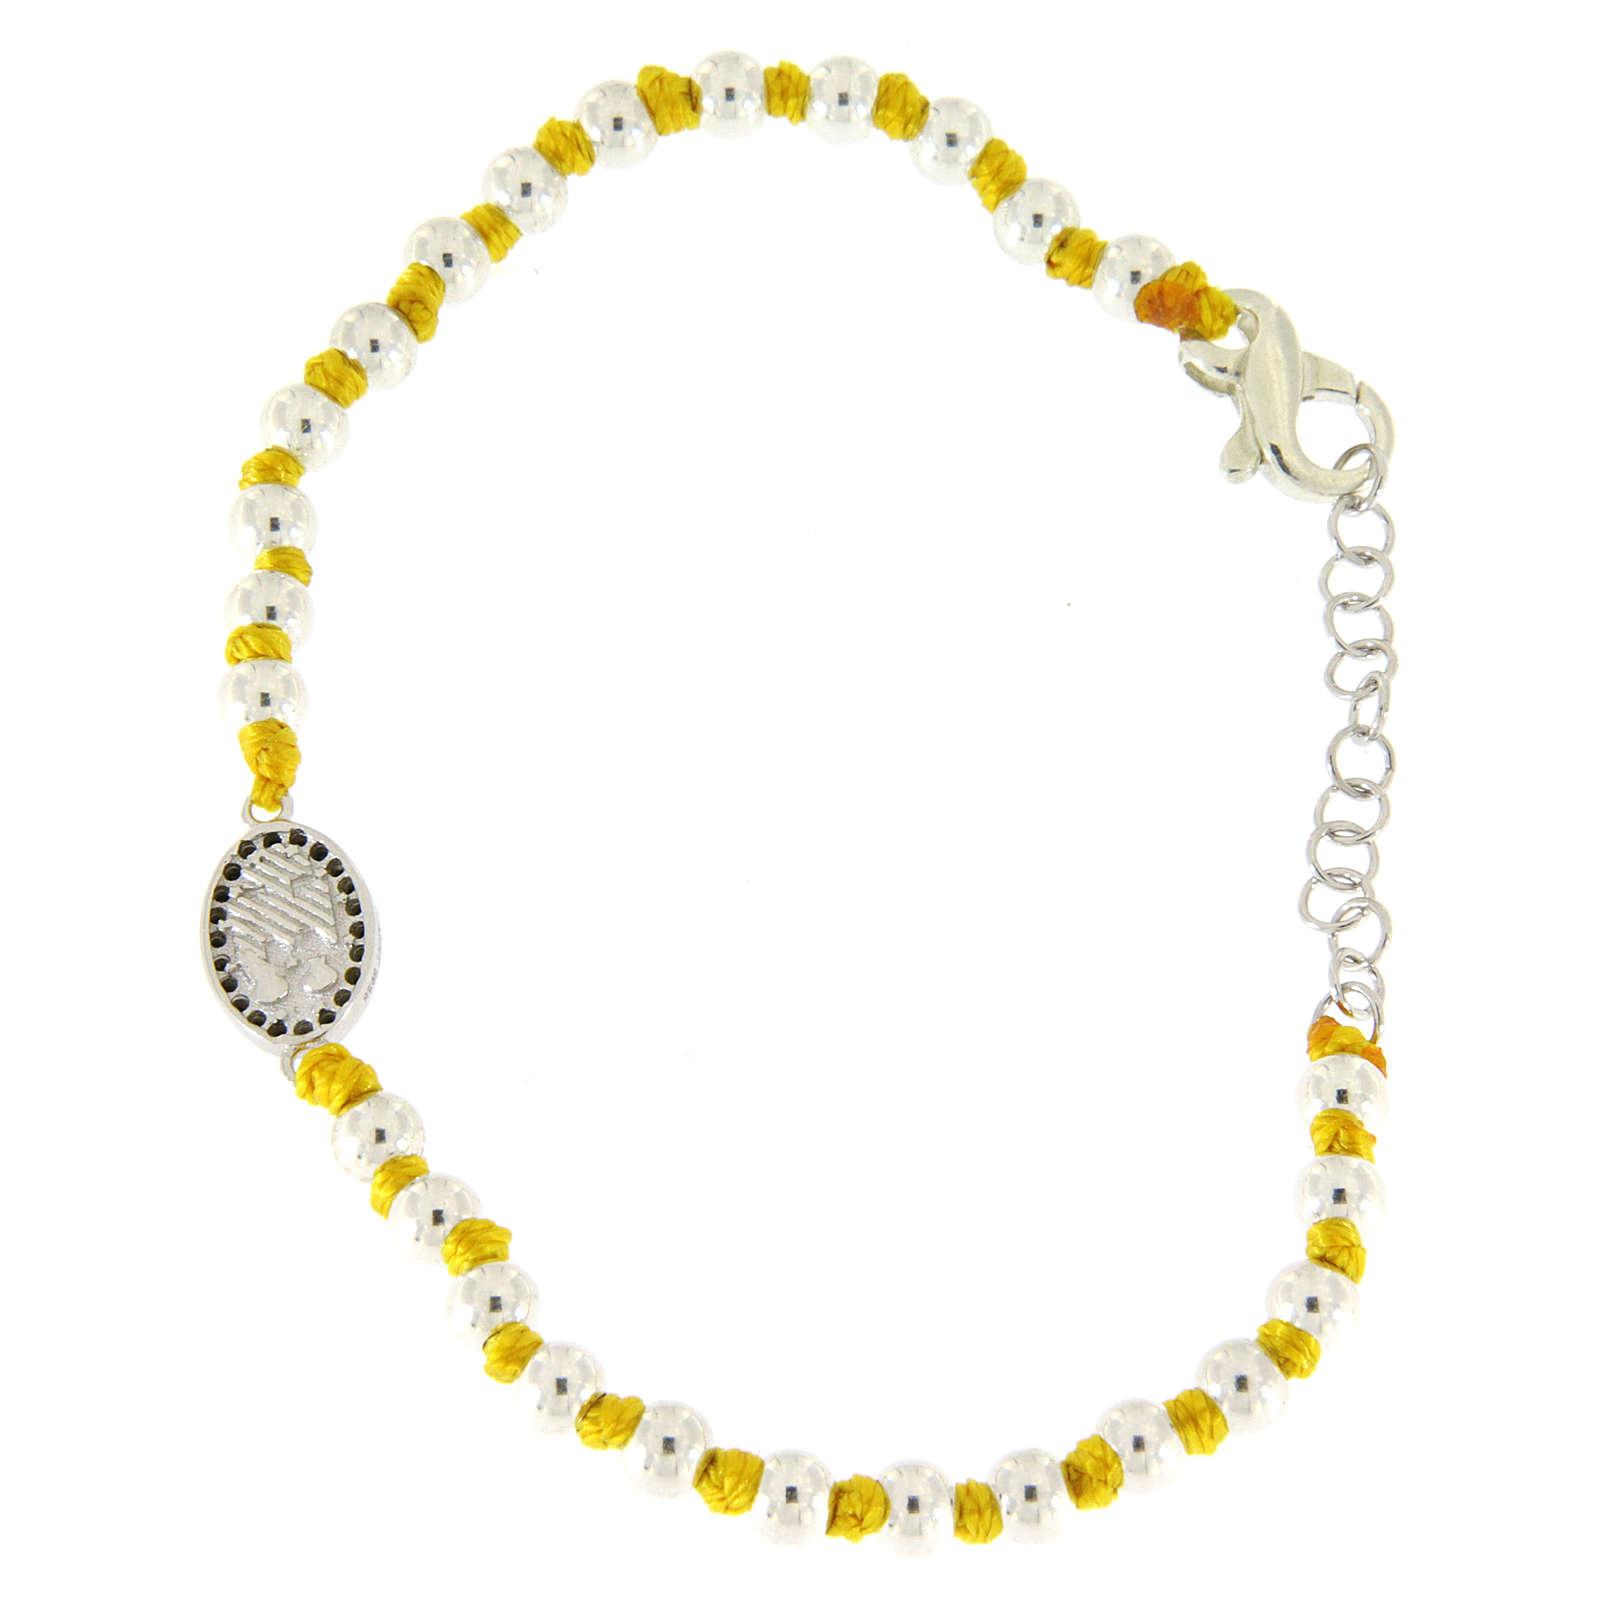 Bracciale medaglietta S. Rita zirconi neri e argento, sfere 3 mm in cordina gialla con nodi 4